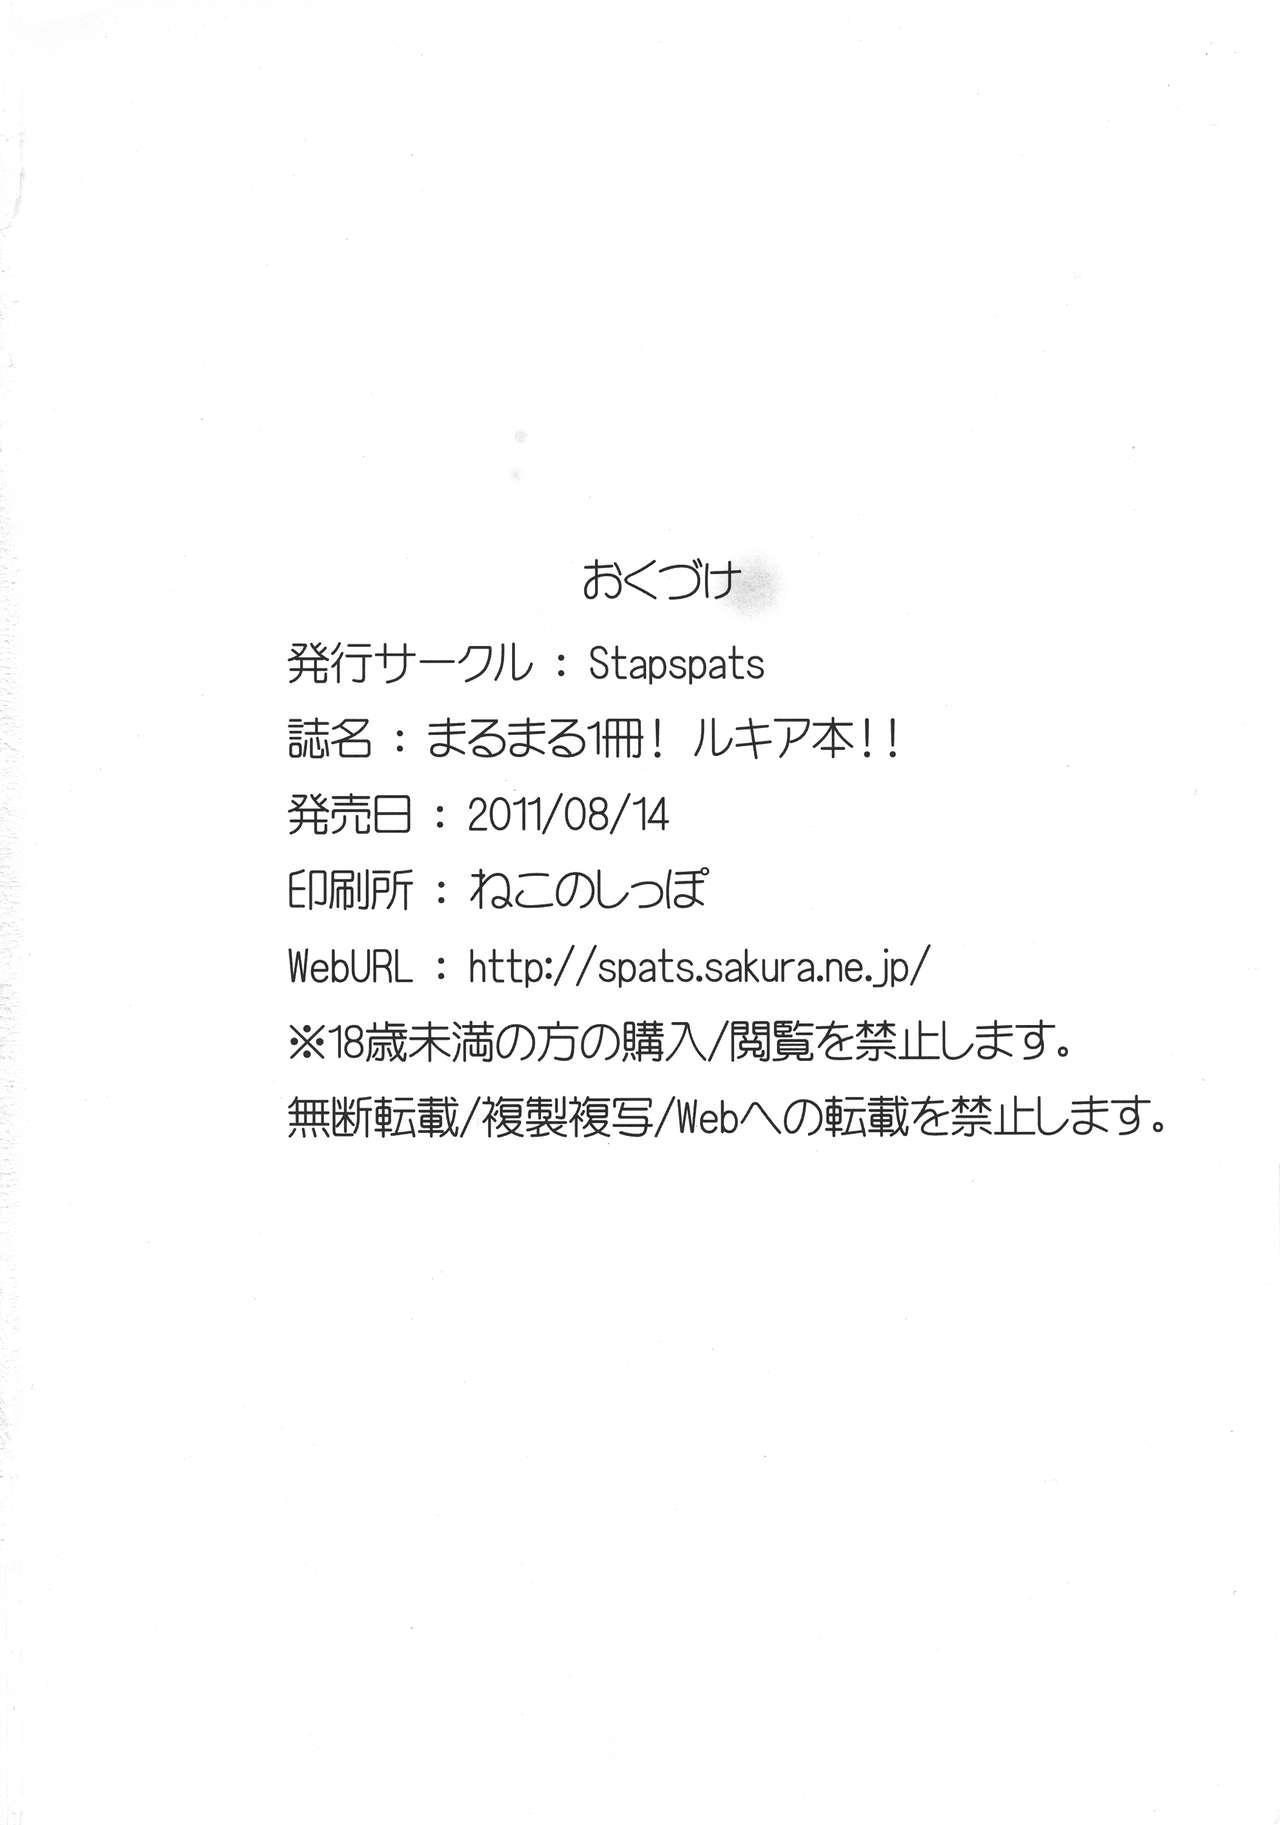 Stapspats QMA Soushuuhen 2: Marumaru Issatsu! Ruquia Hon!! 156